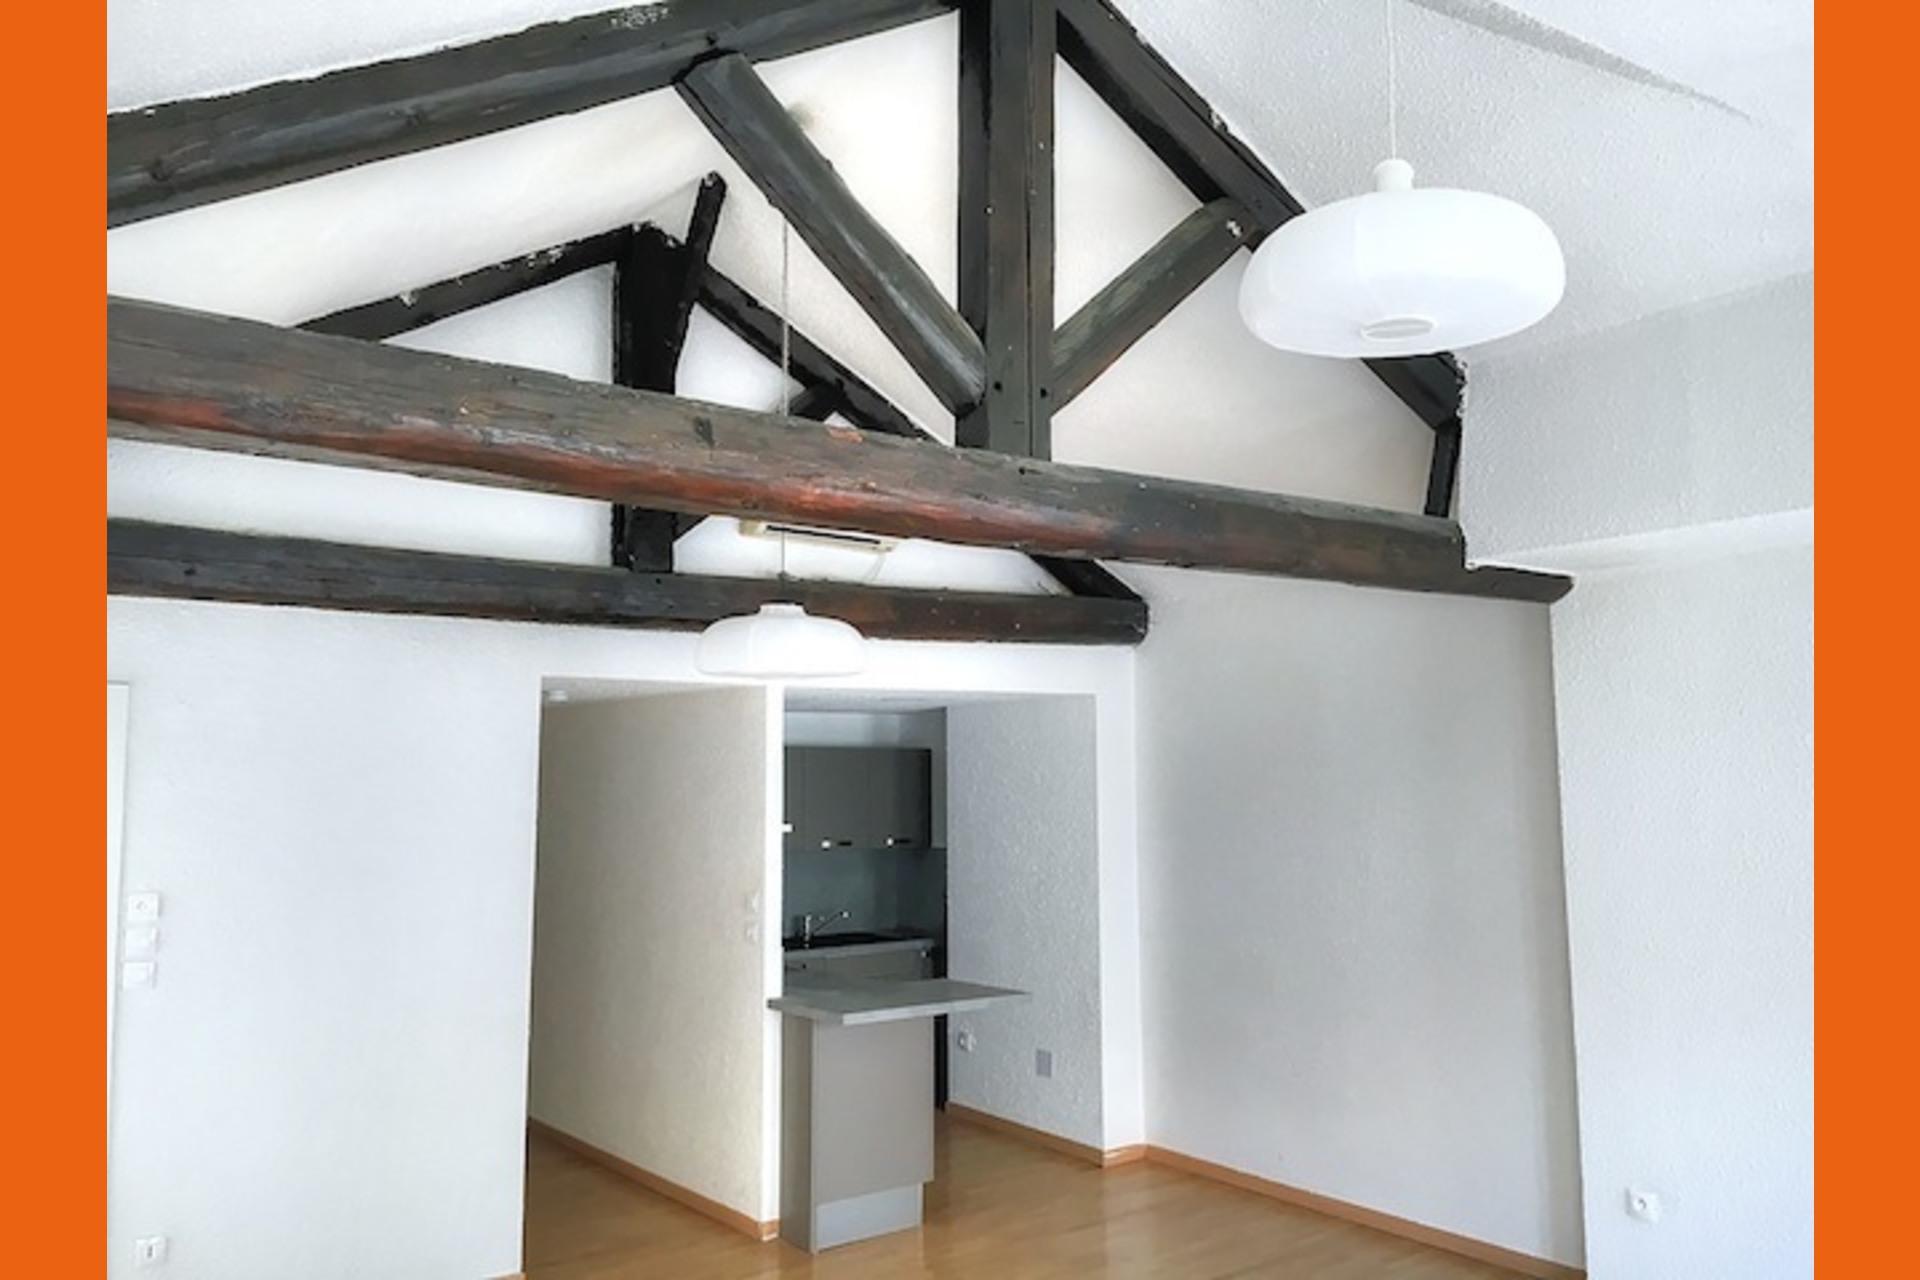 image 1 - Appartement À louer Metz - 3 pièces